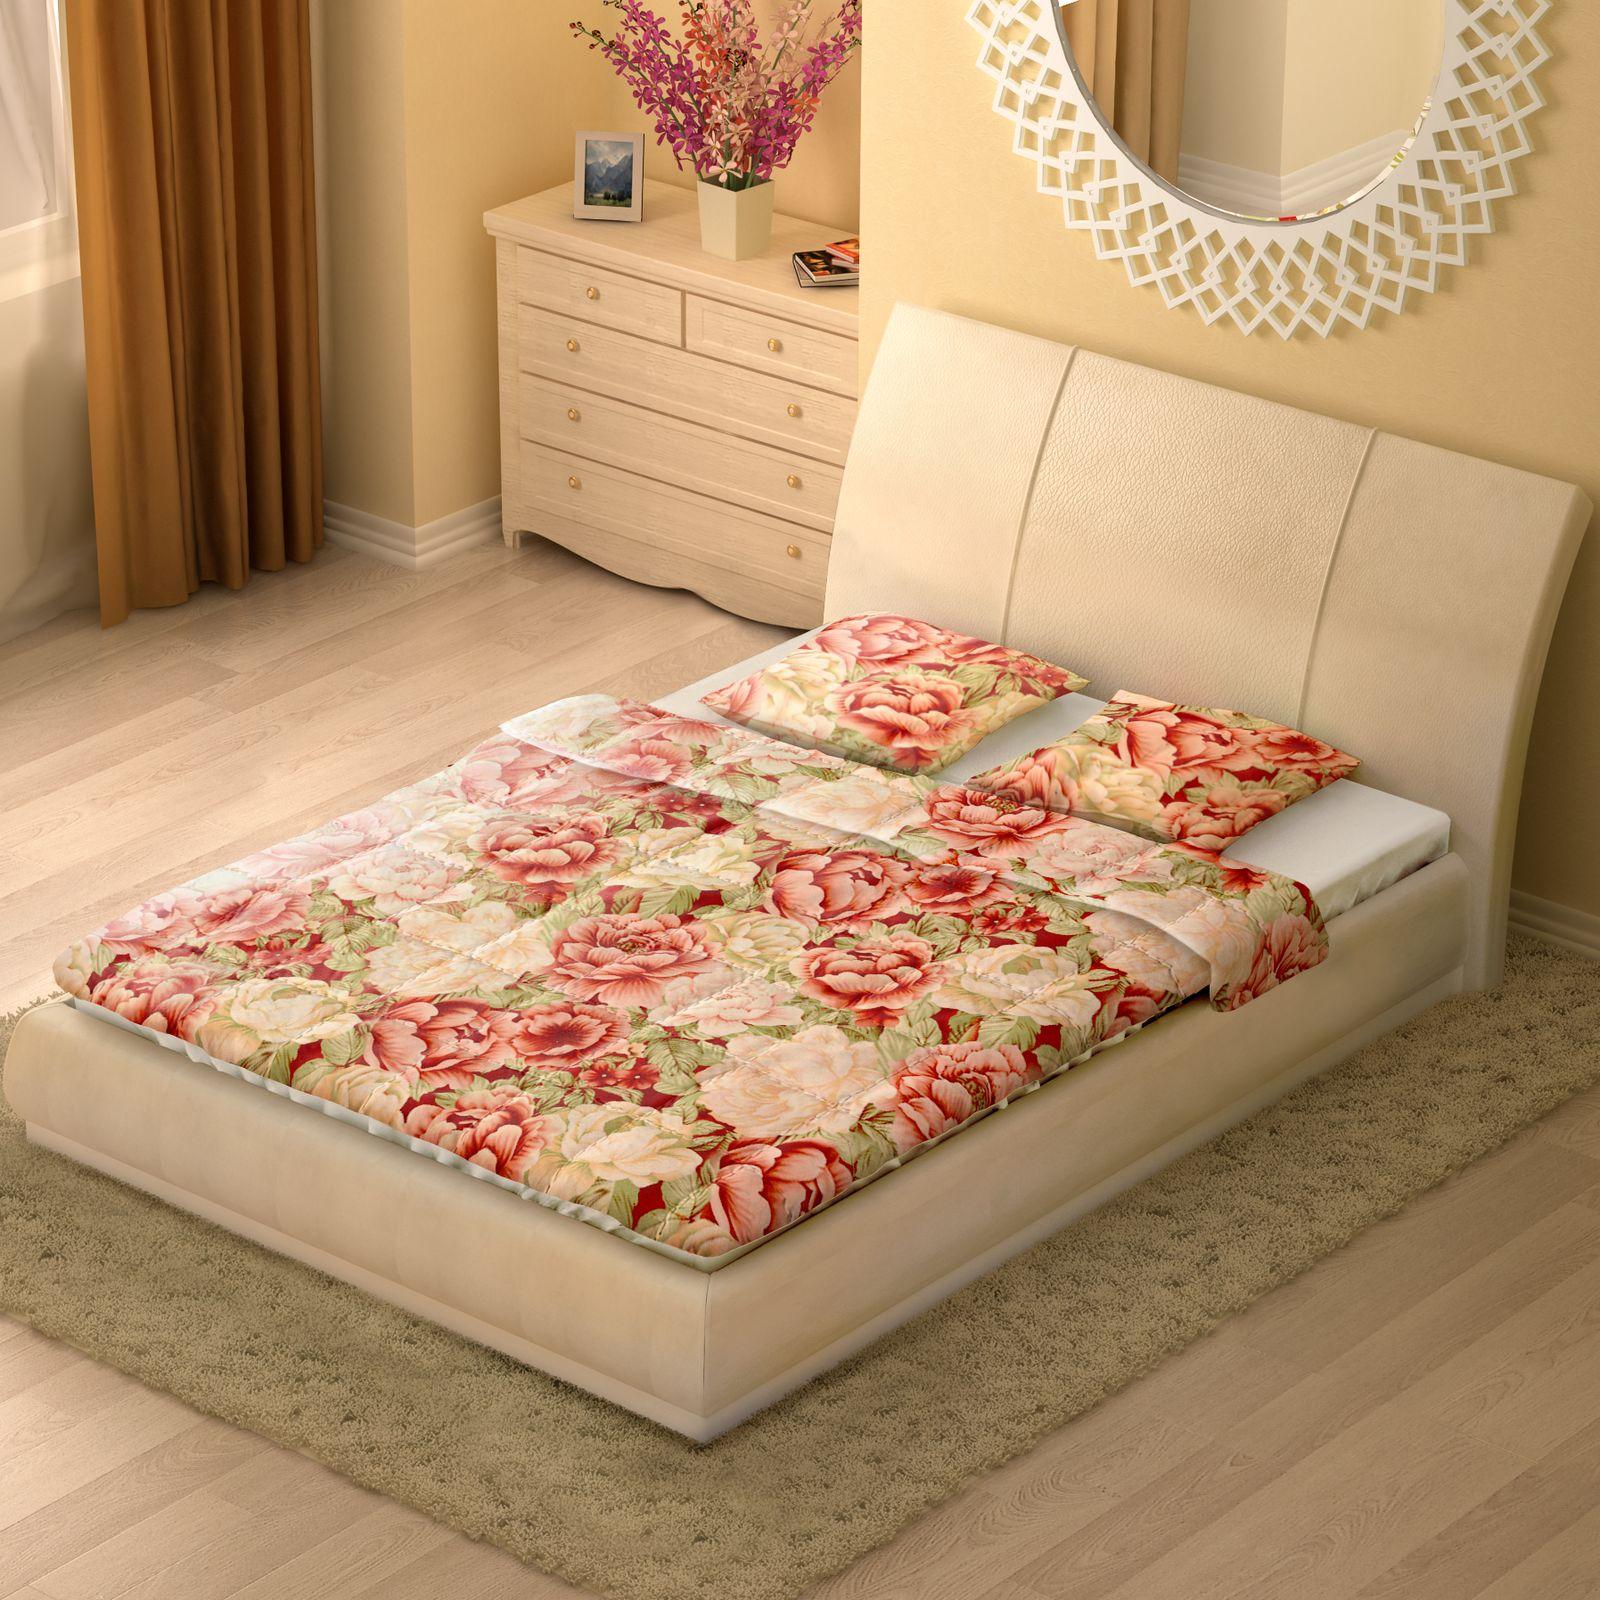 Комплект «Цветущая роза» одеяло + 2 подушки 50х70 см